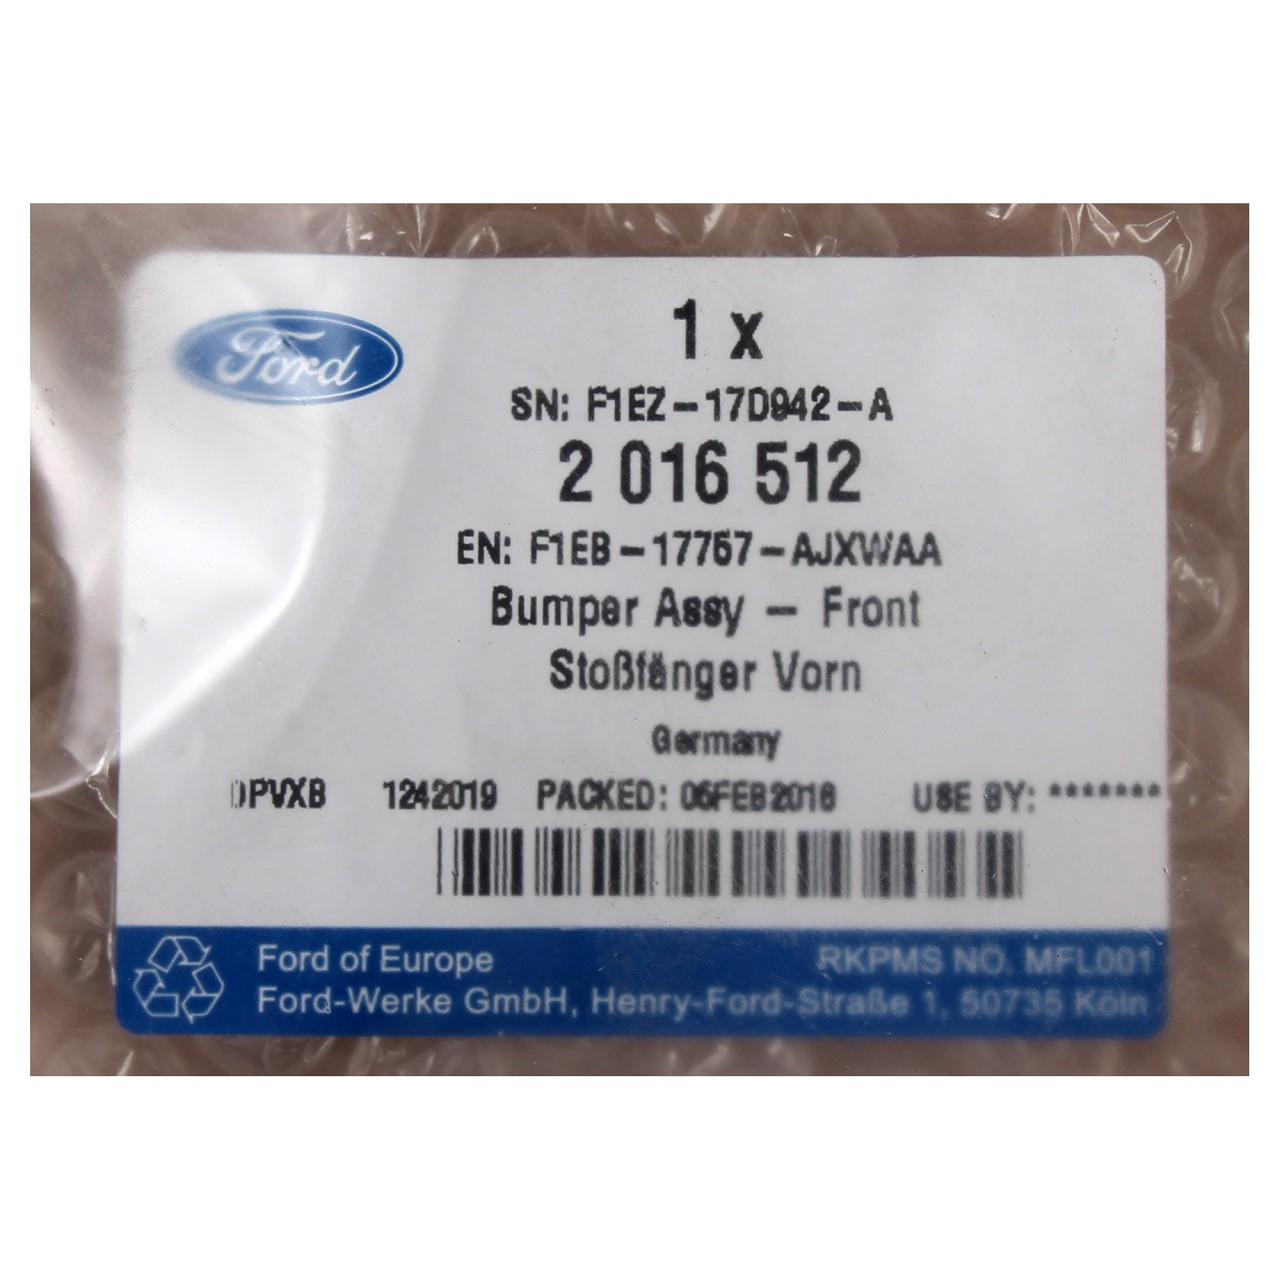 ORIGINAL Ford Stoßstange Stoßfänger VORNE 2016512 für FOCUS III MK3 ab 10.2014